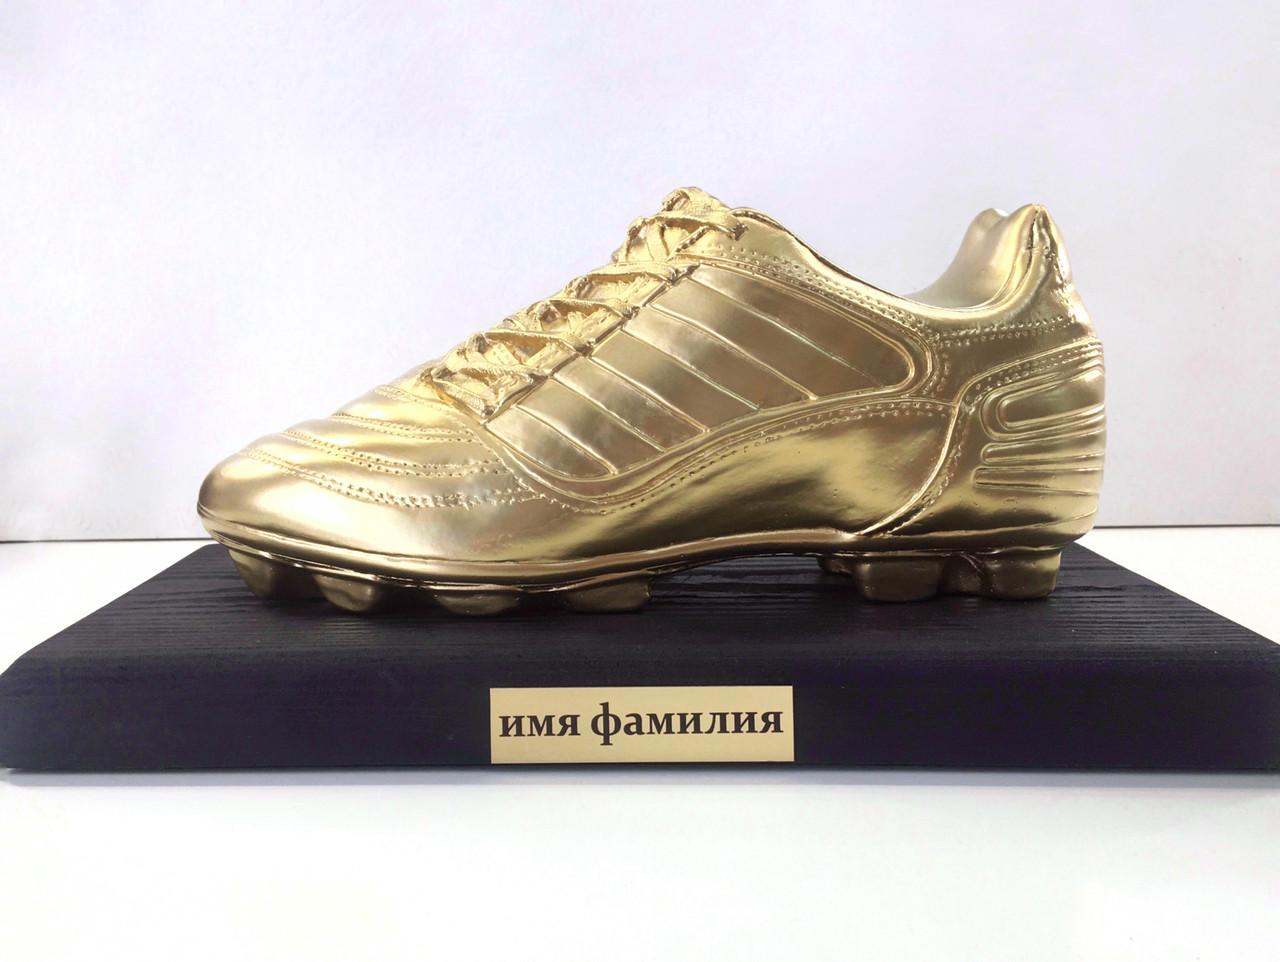 Футбольная награда Золотая бутса 25*14 см   Футбольный кубок лучшему игроку   Футбольный трофей, подарок